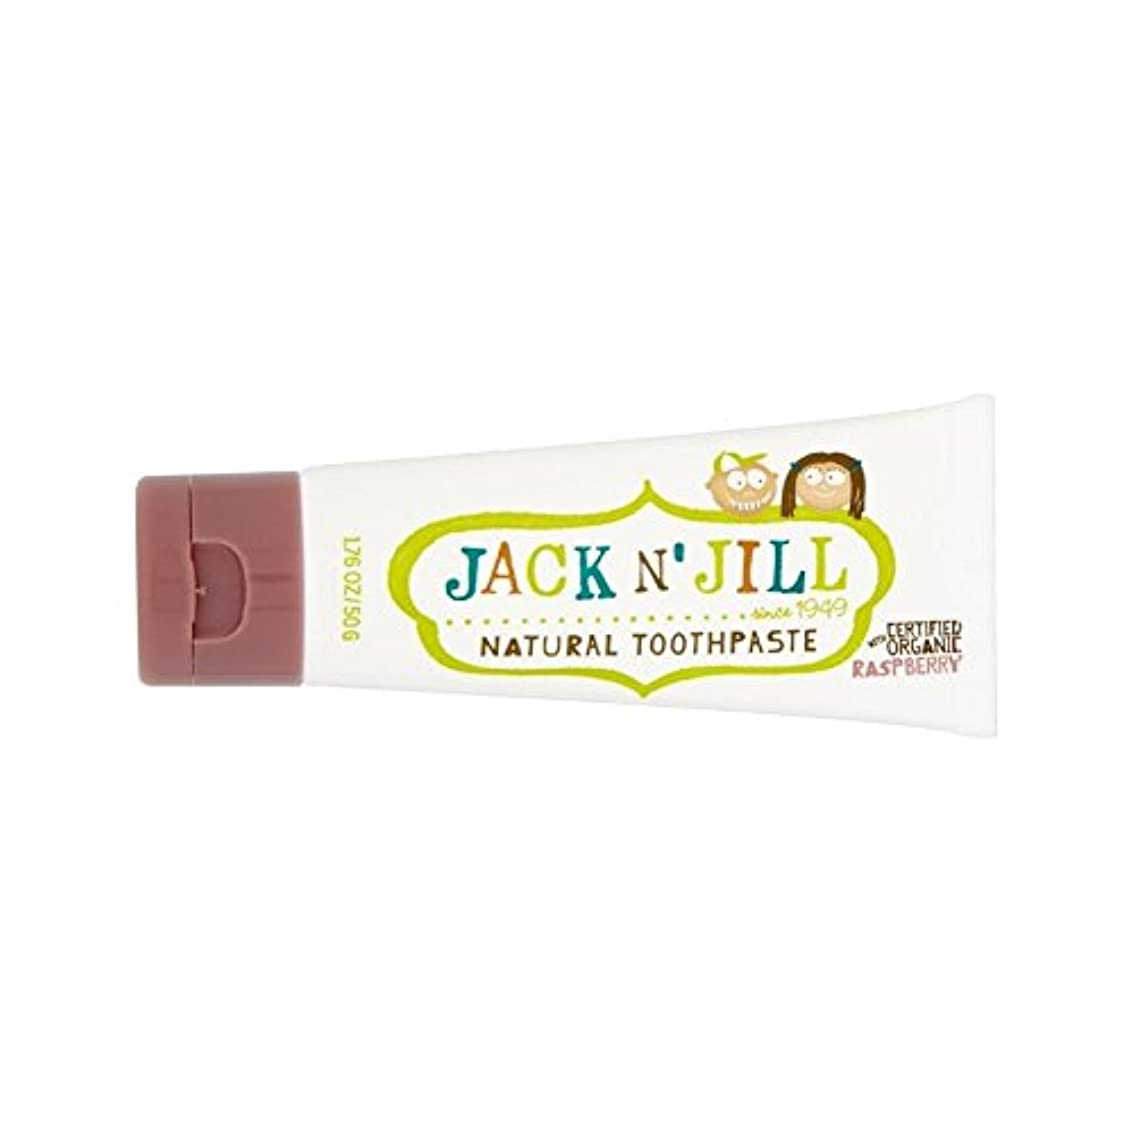 体細胞辛い汚す有機香味50グラム天然ラズベリー歯磨き粉 (Jack N Jill) (x 4) - Jack N' Jill Raspberry Toothpaste Natural with Organic Flavouring 50g...